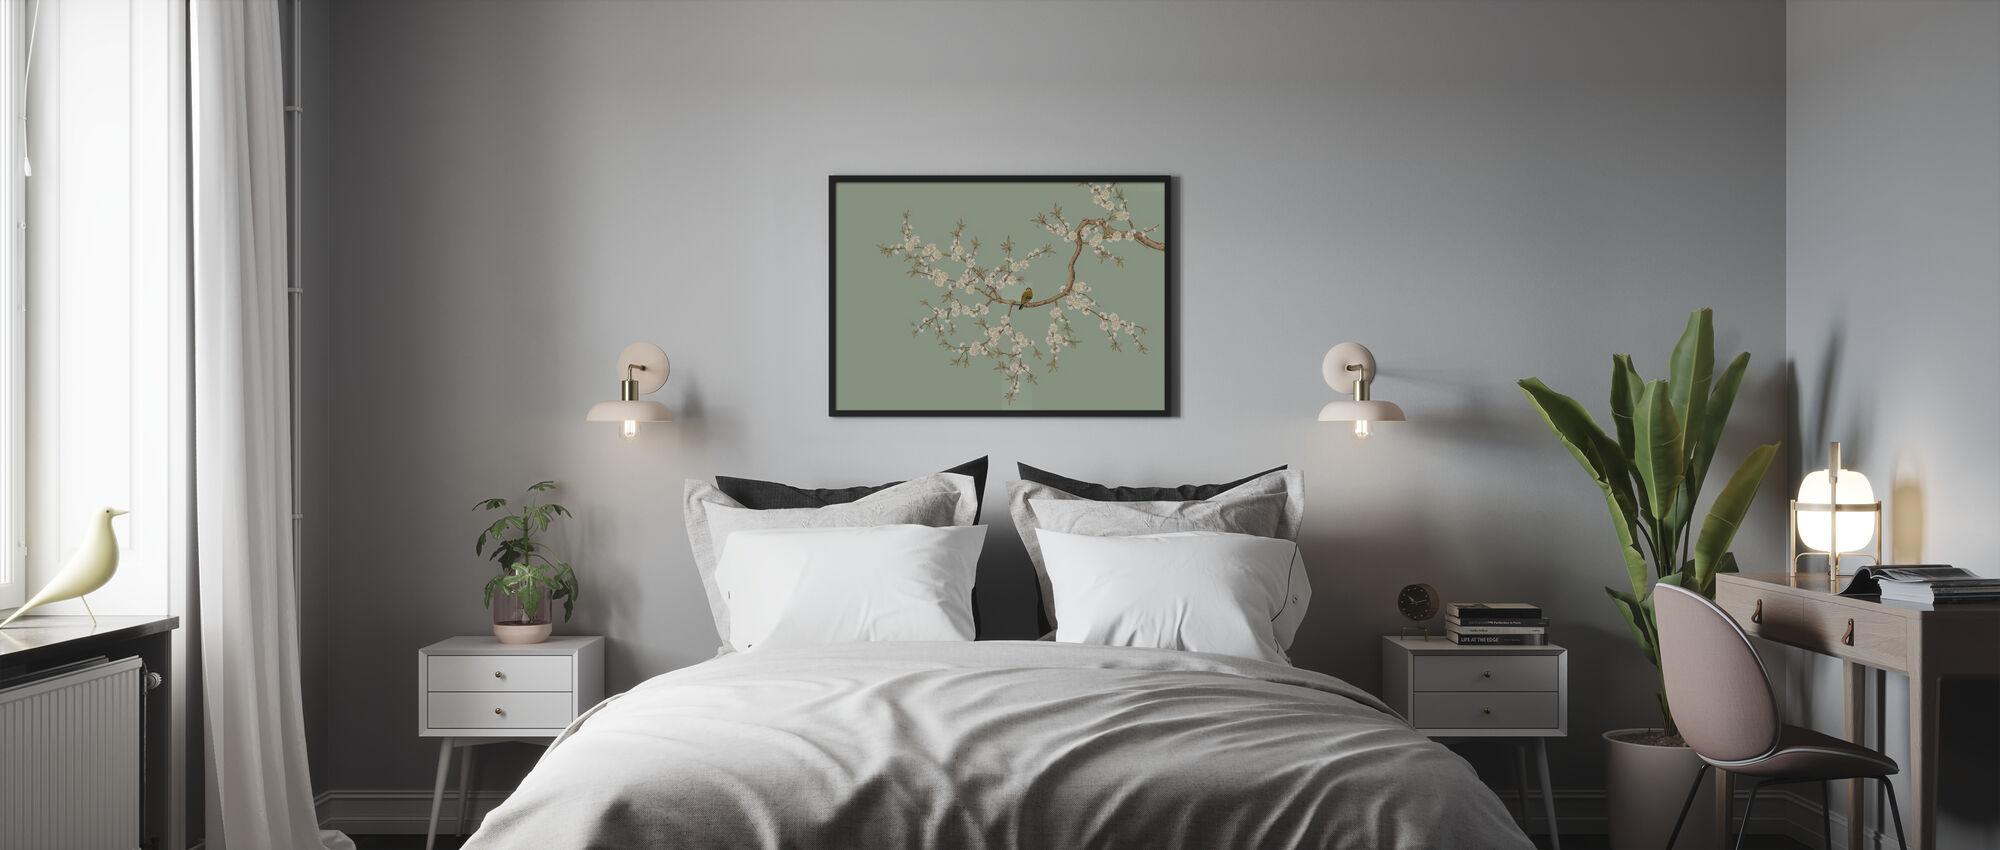 Brushwood - Emerald - Framed print - Bedroom